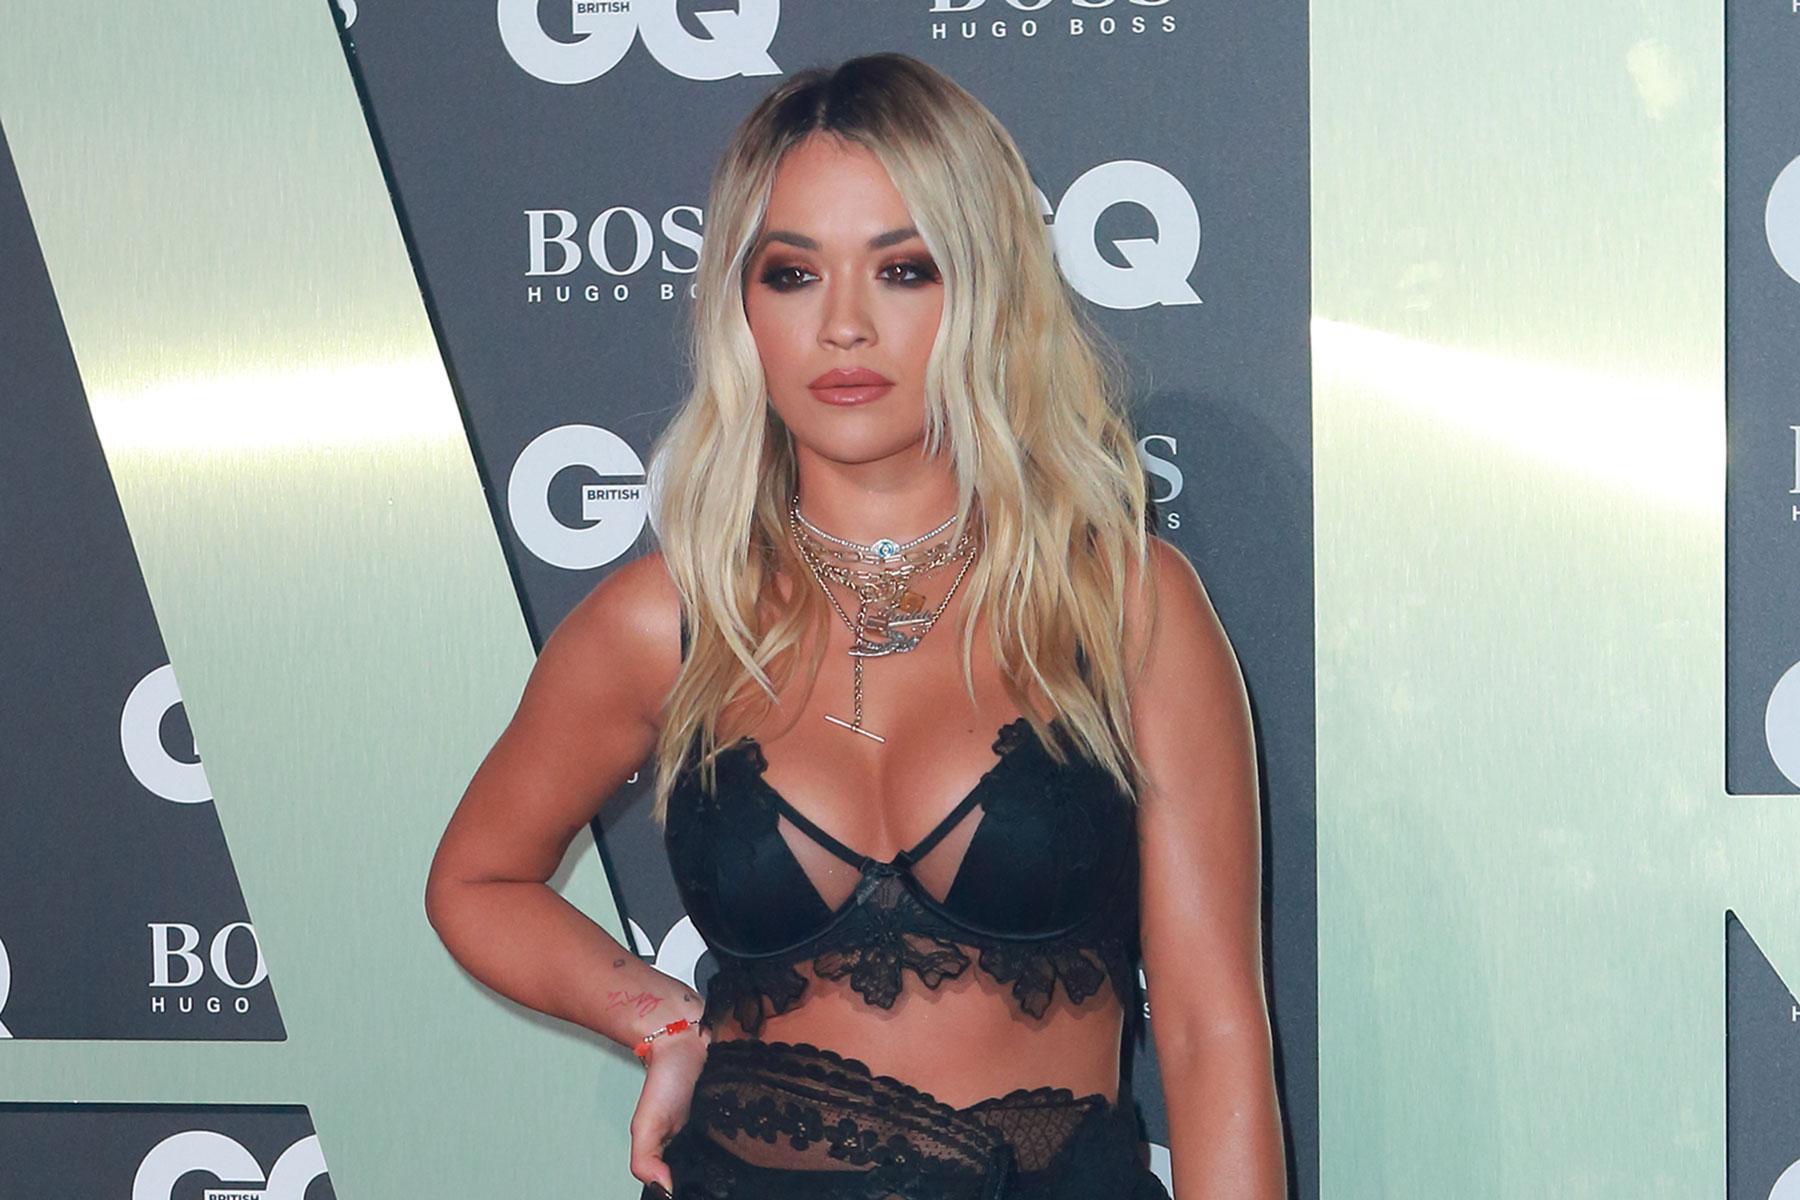 La cantante Rita Ora olvida el sujetador y las cámaras no le perdonan